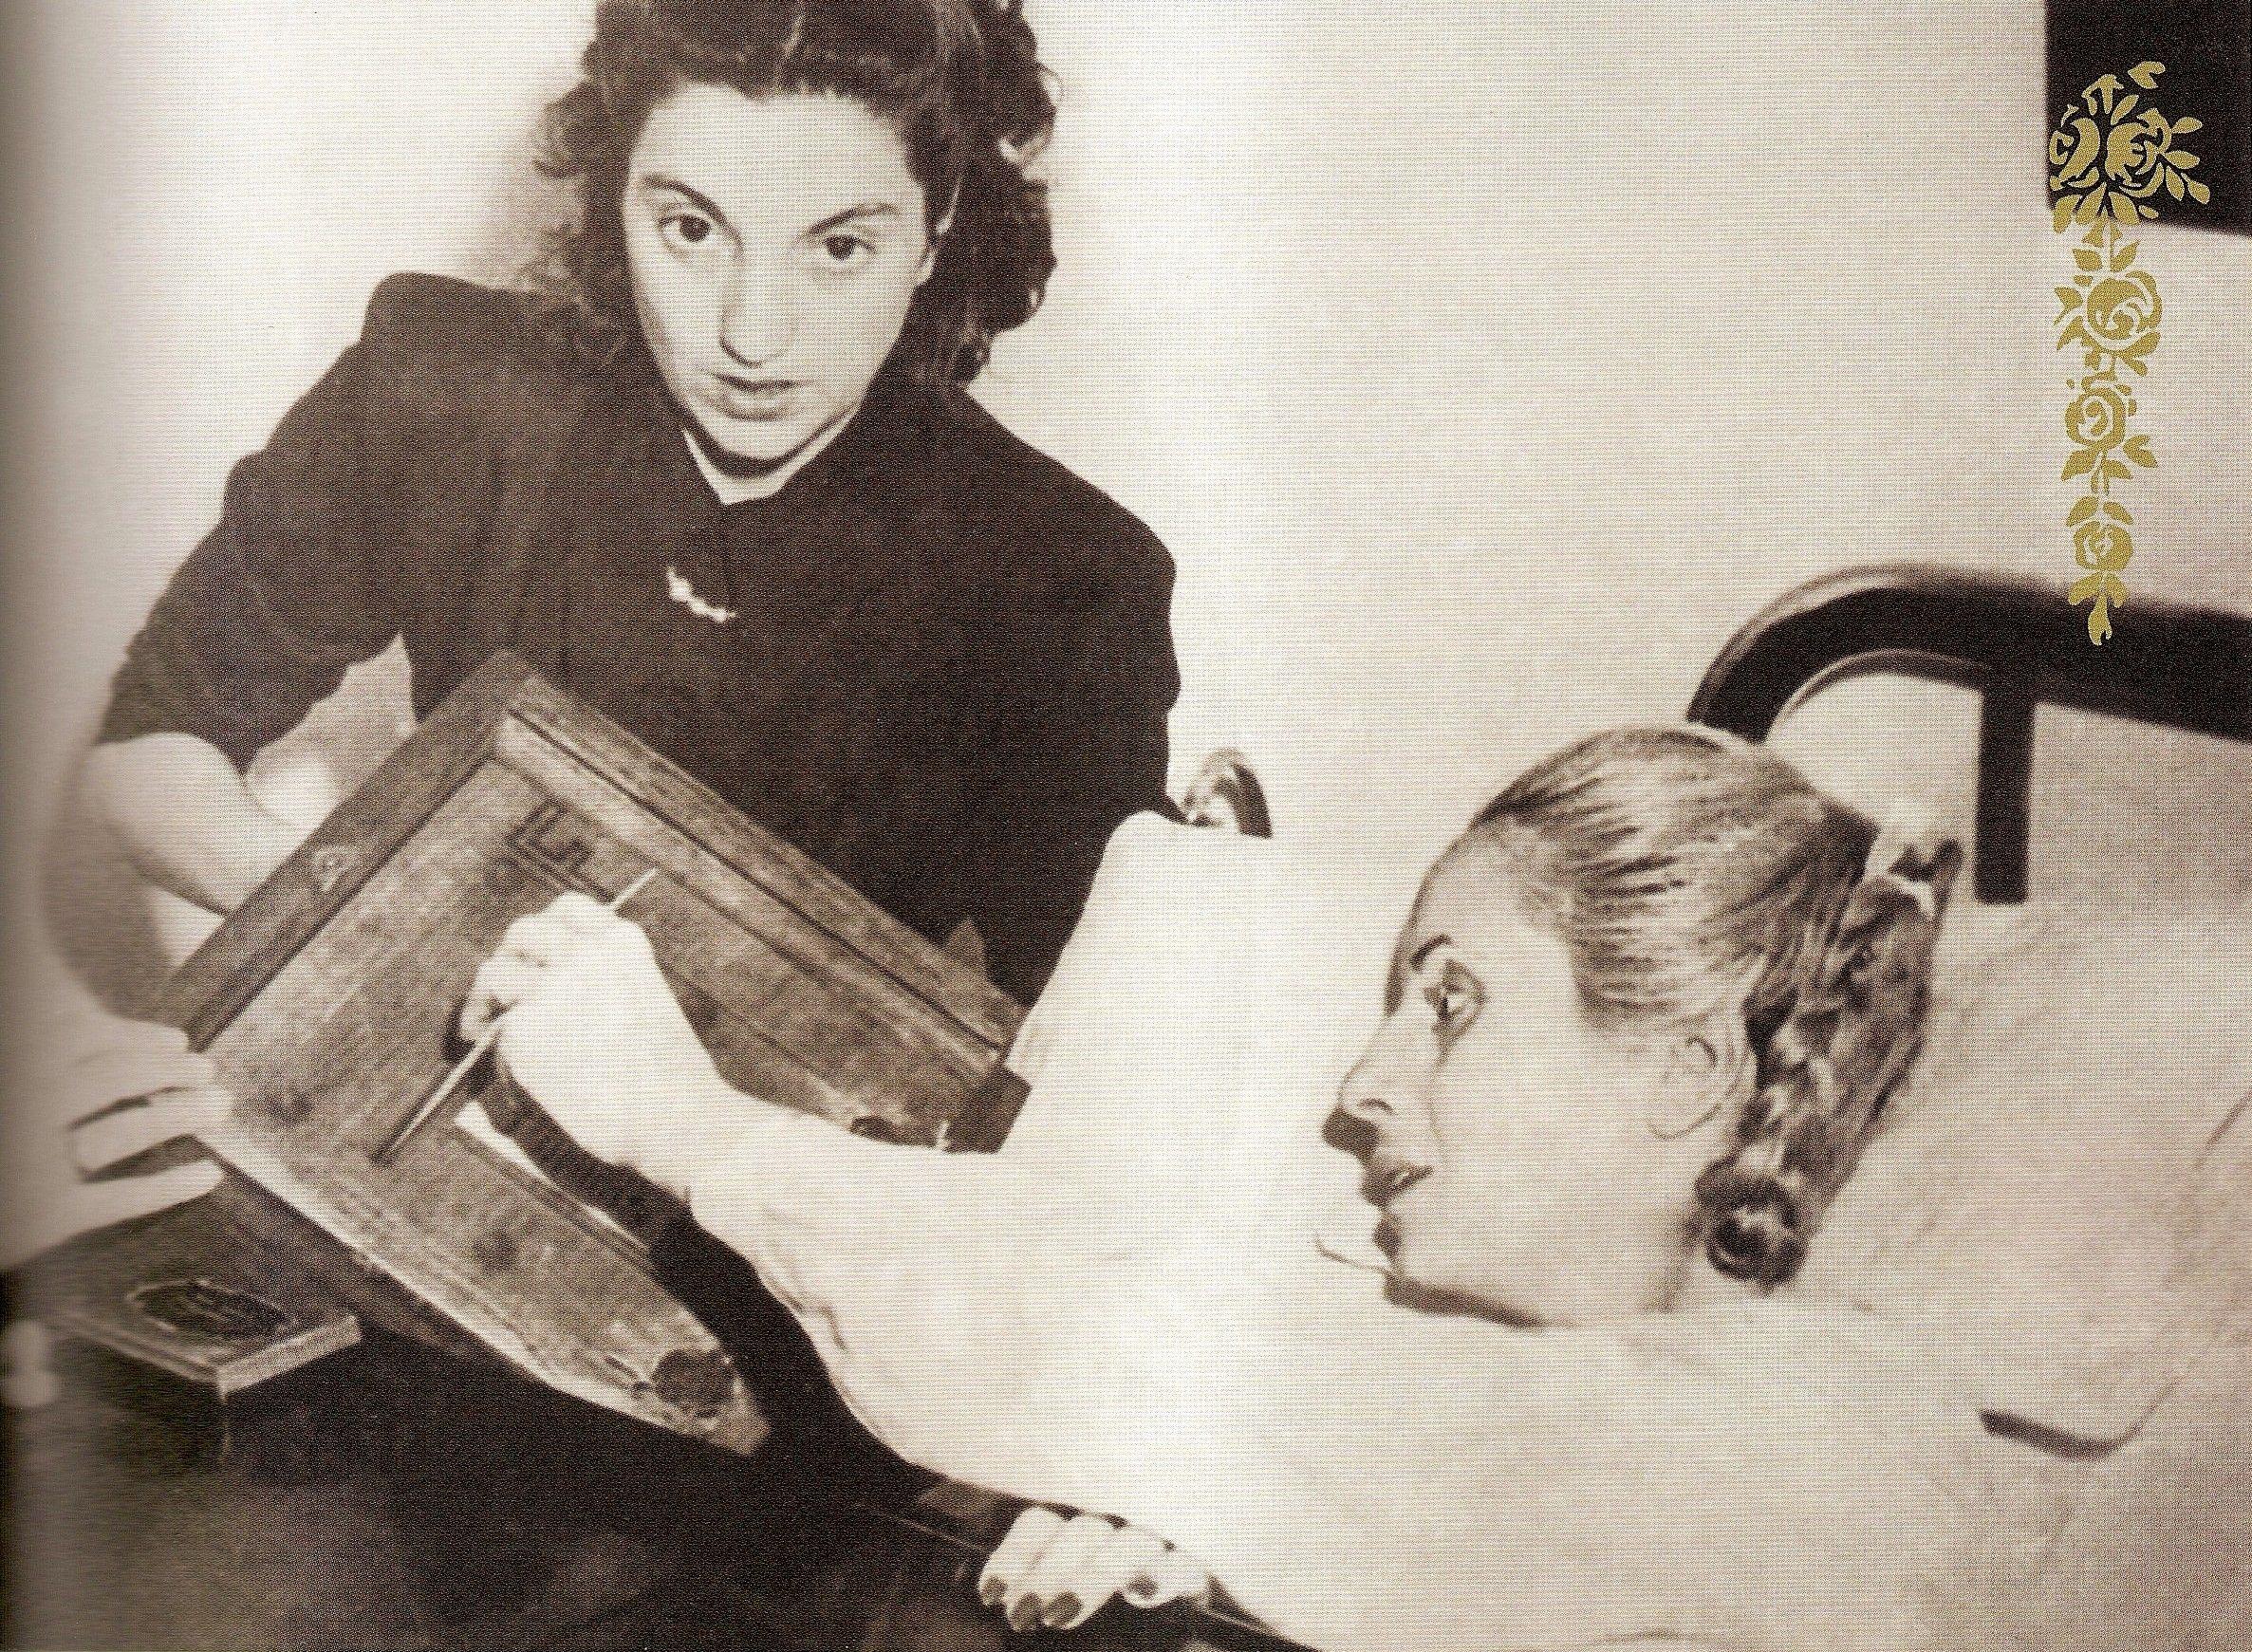 Hasta en sus últimos momentos Eva Perón pensó en los argentinos.